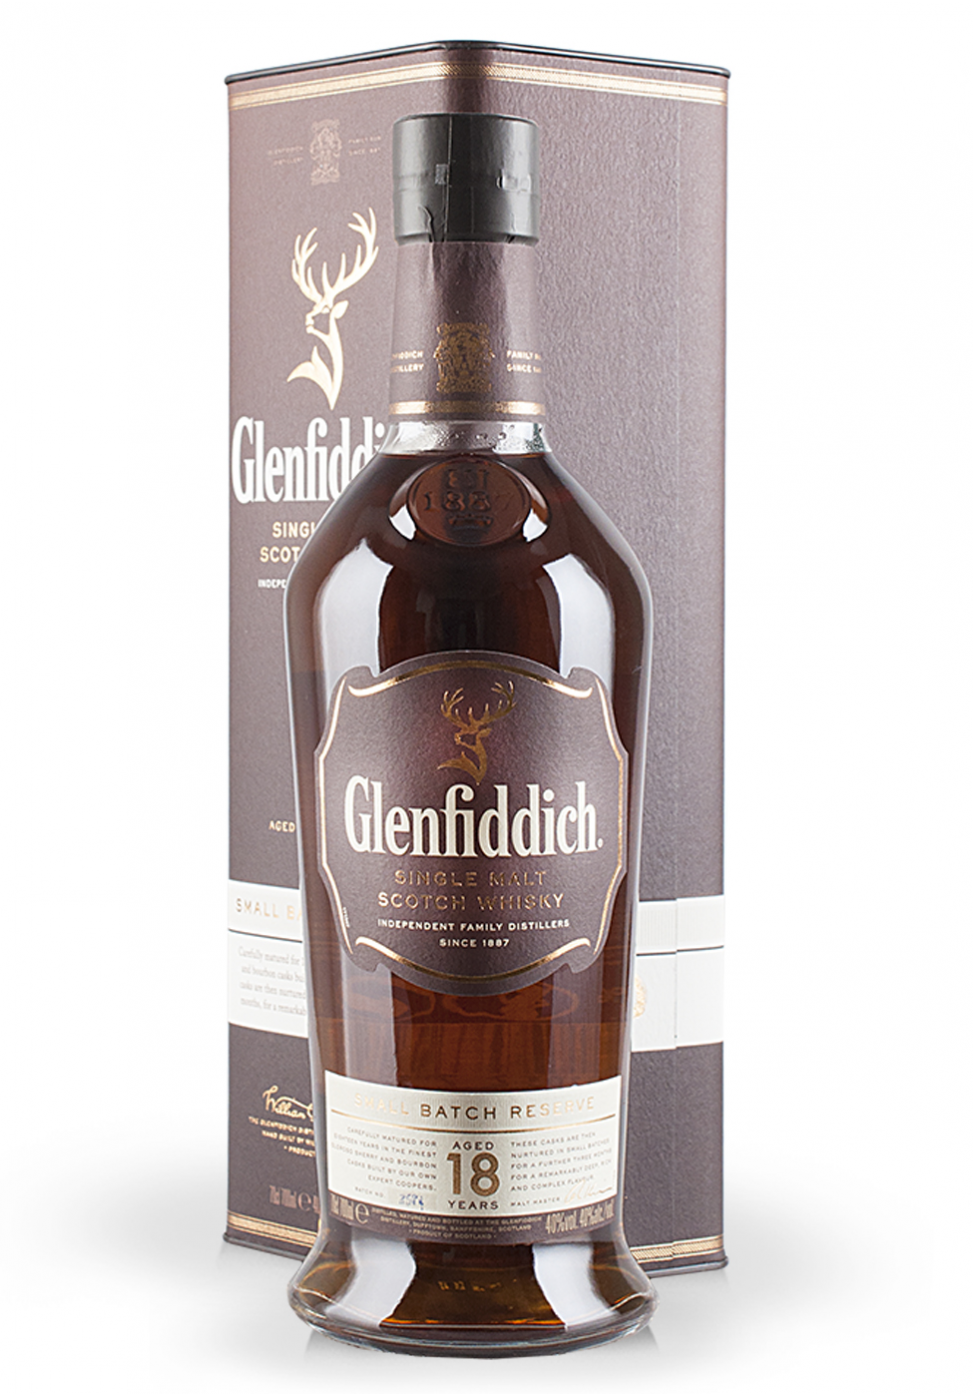 Whisky Glenfiddich Aged 18 Years, Small Batch Reserve, Single Malt Scotch Whisky (0.7L)